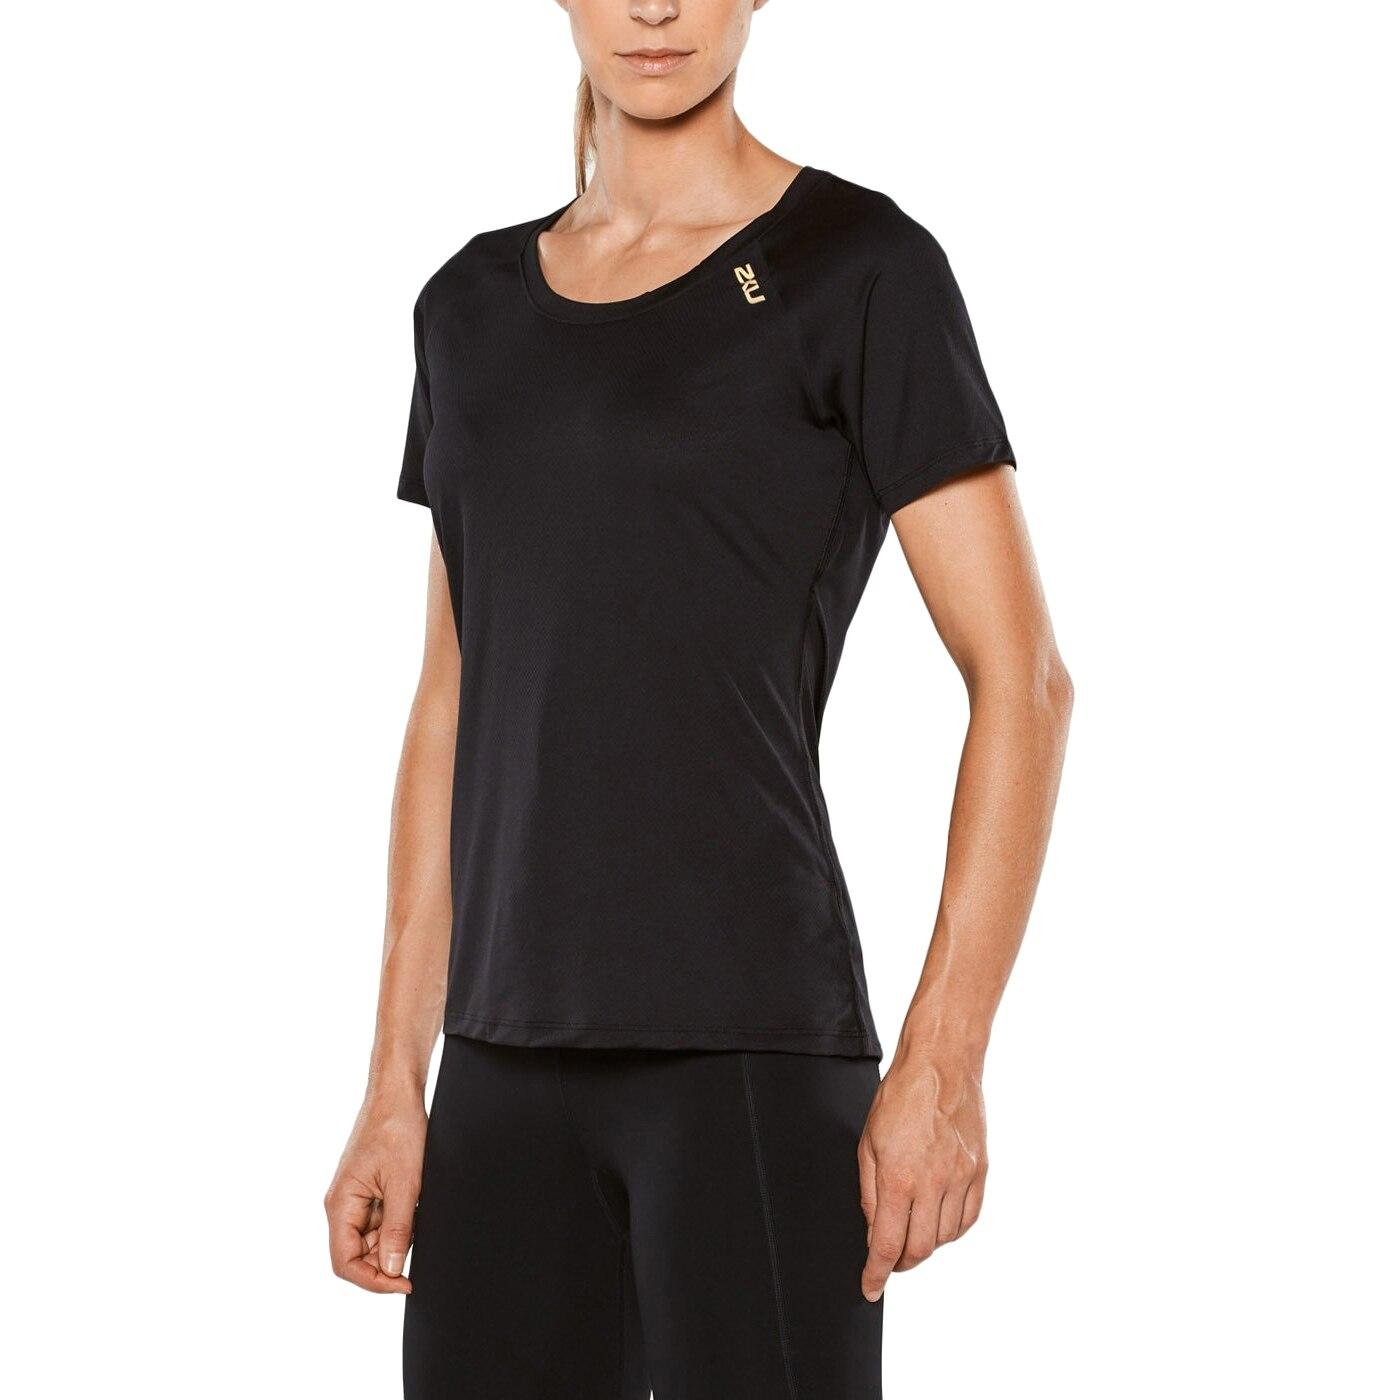 Женская футболка для бега 2XU серия GHST с золотым логотипом цена